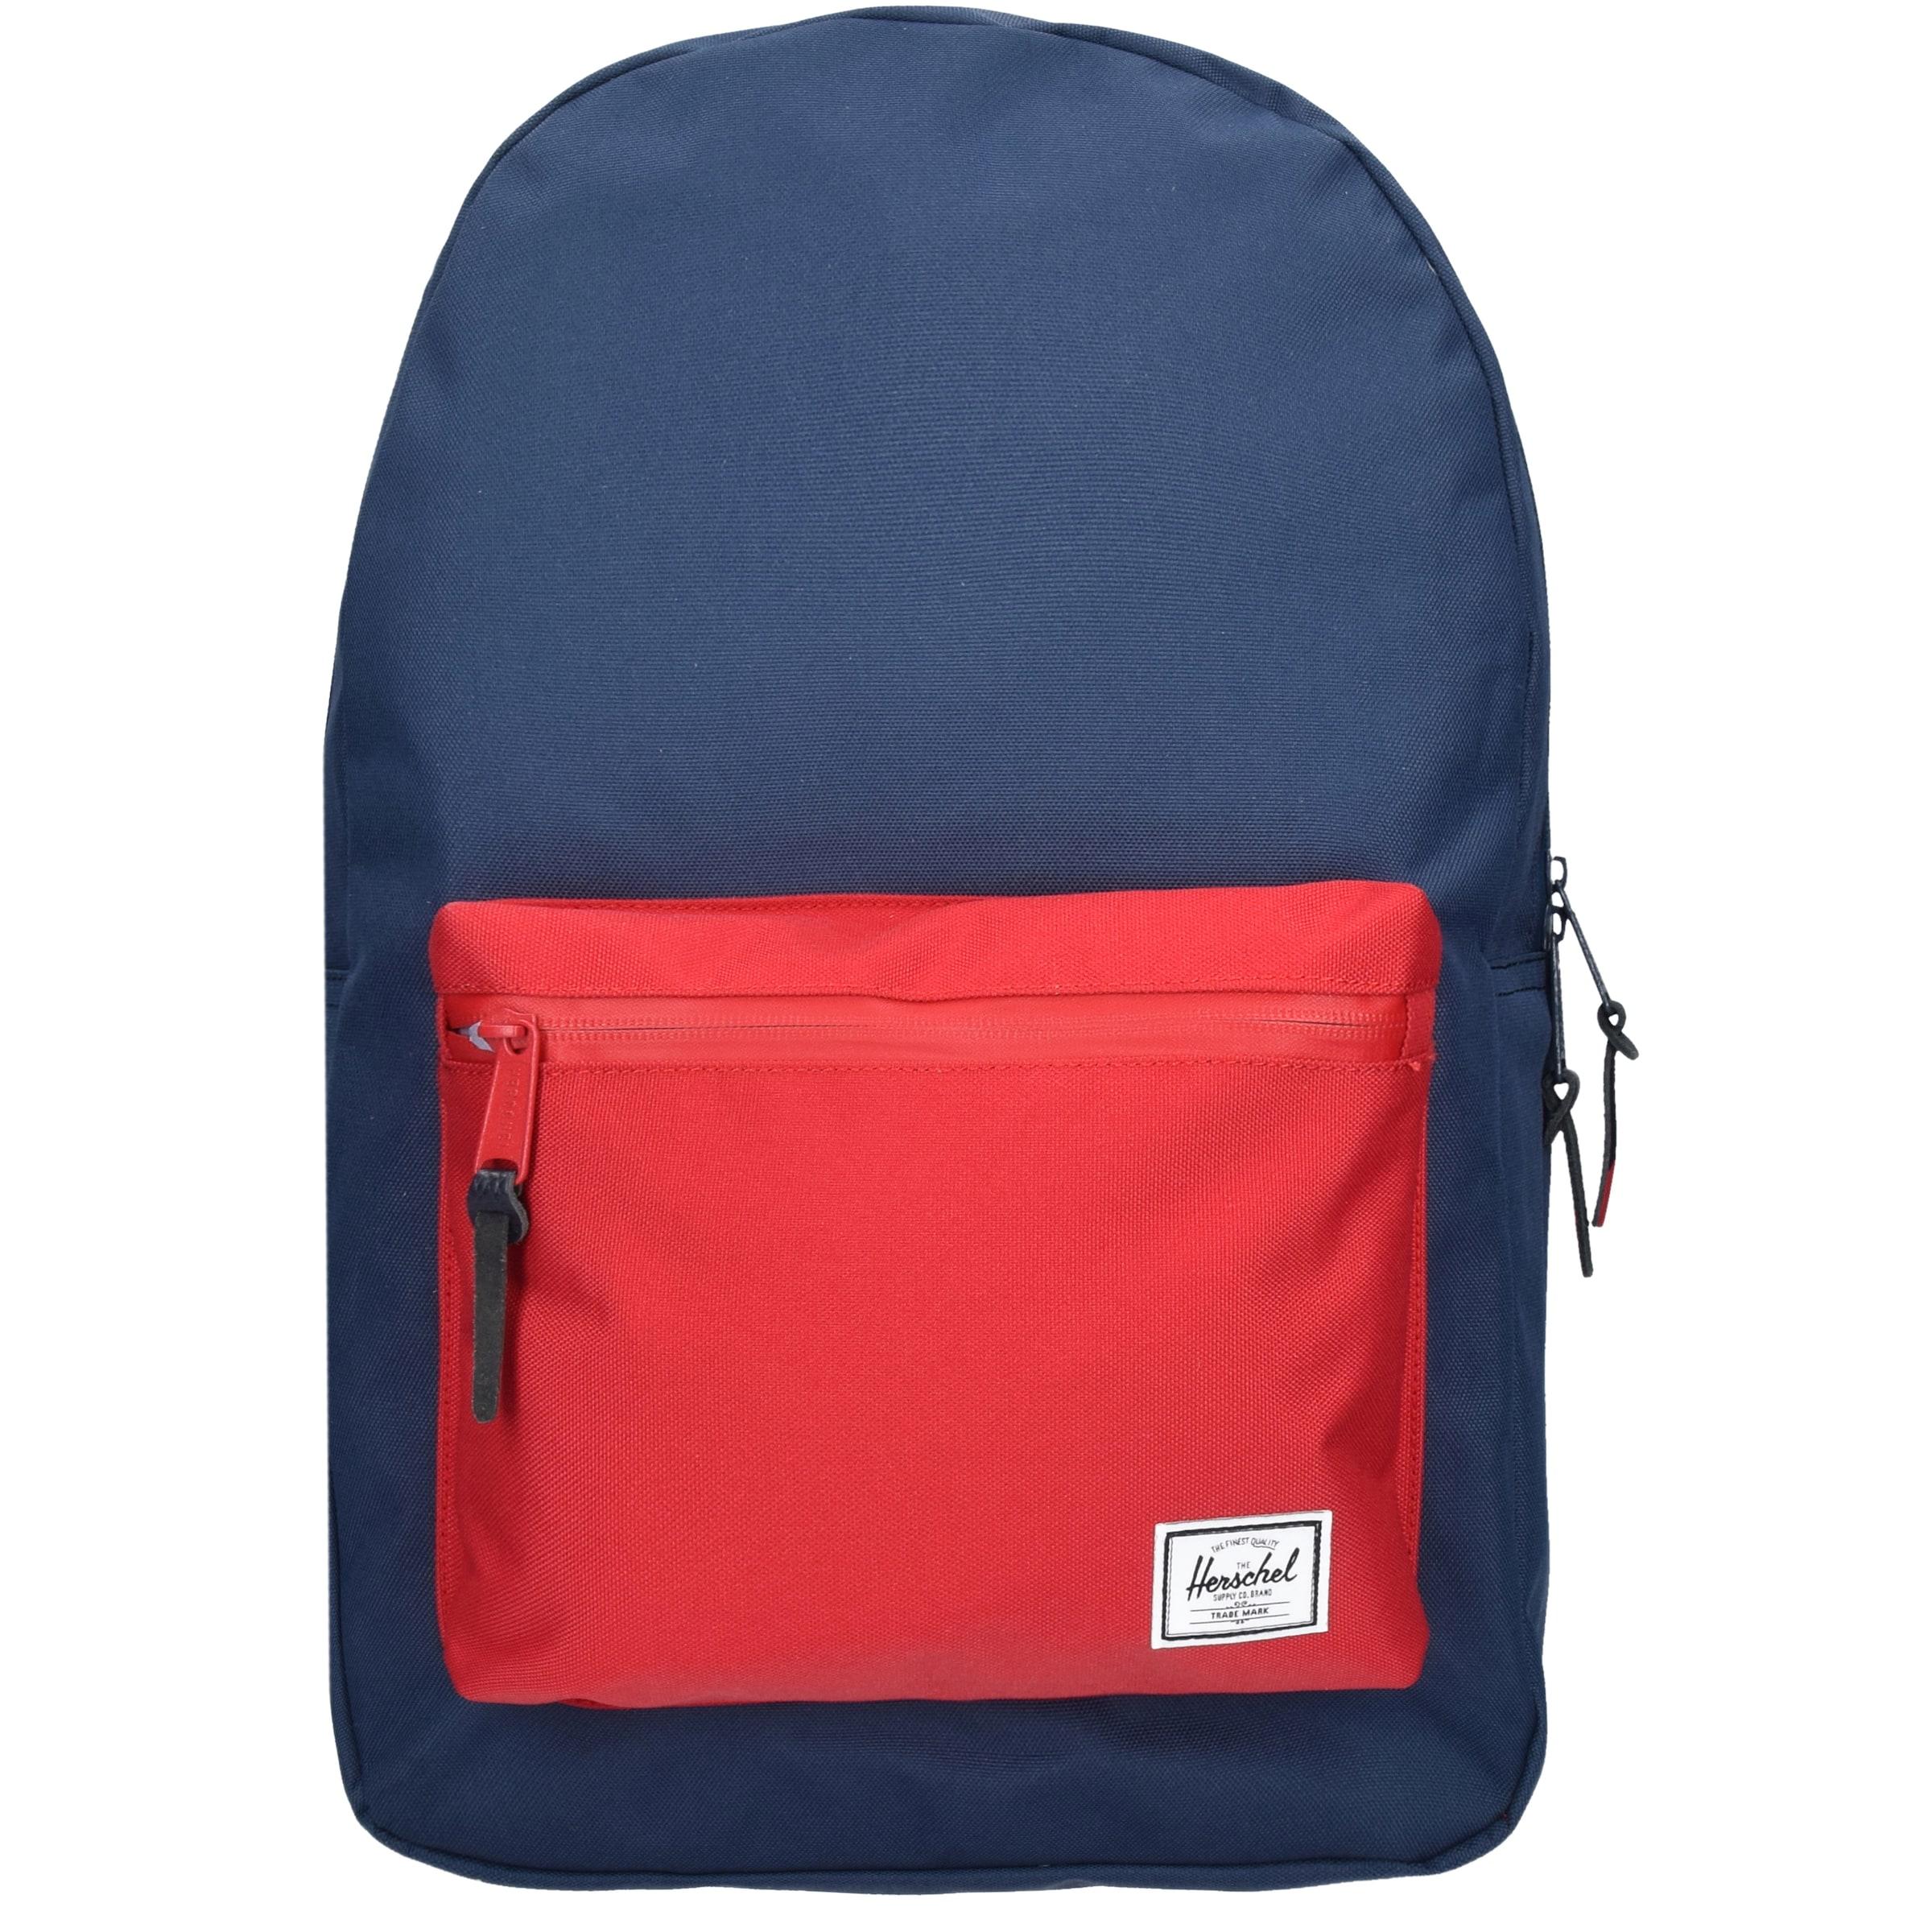 Settlement cm Herschel Laptopfach Settlement Rucksack Backpack 44 Backpack 44 Rucksack Herschel qFXTTwWBSx